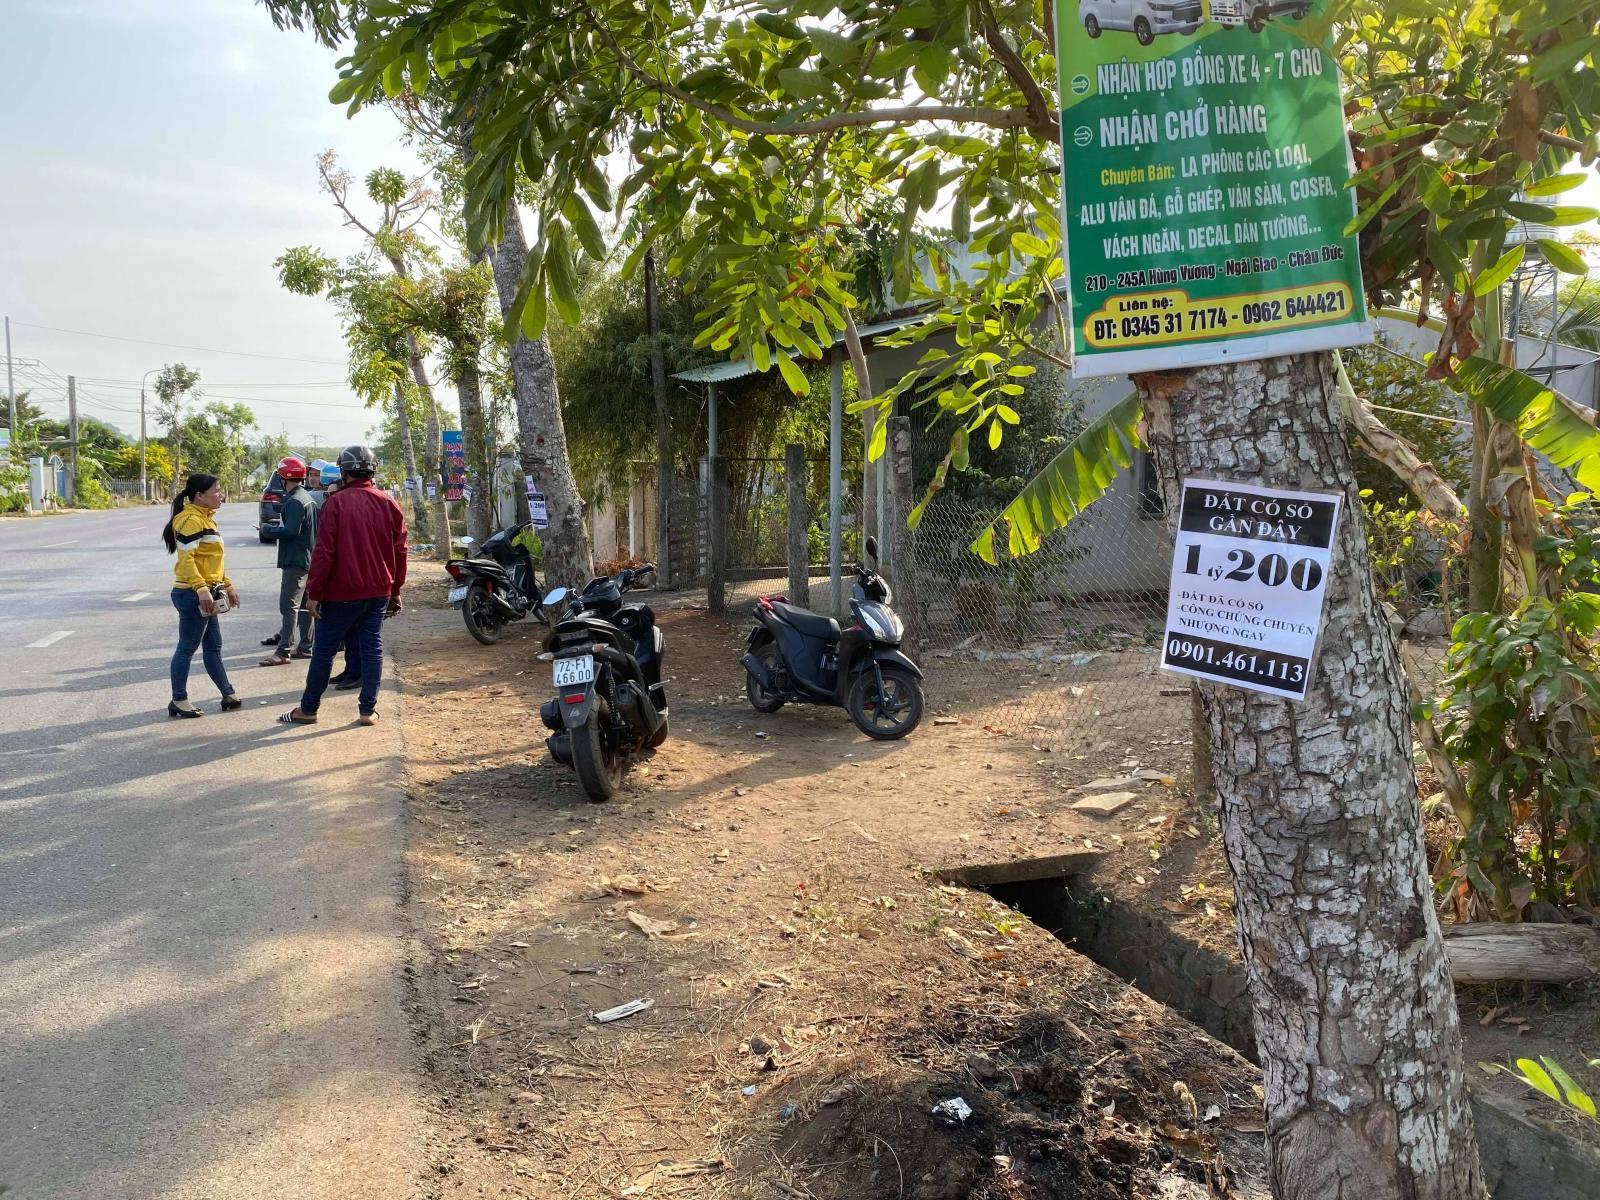 Một con đường ở xã Bình Ba, vài người đứng trao đổi, biển rao bán đất treo trên cây.